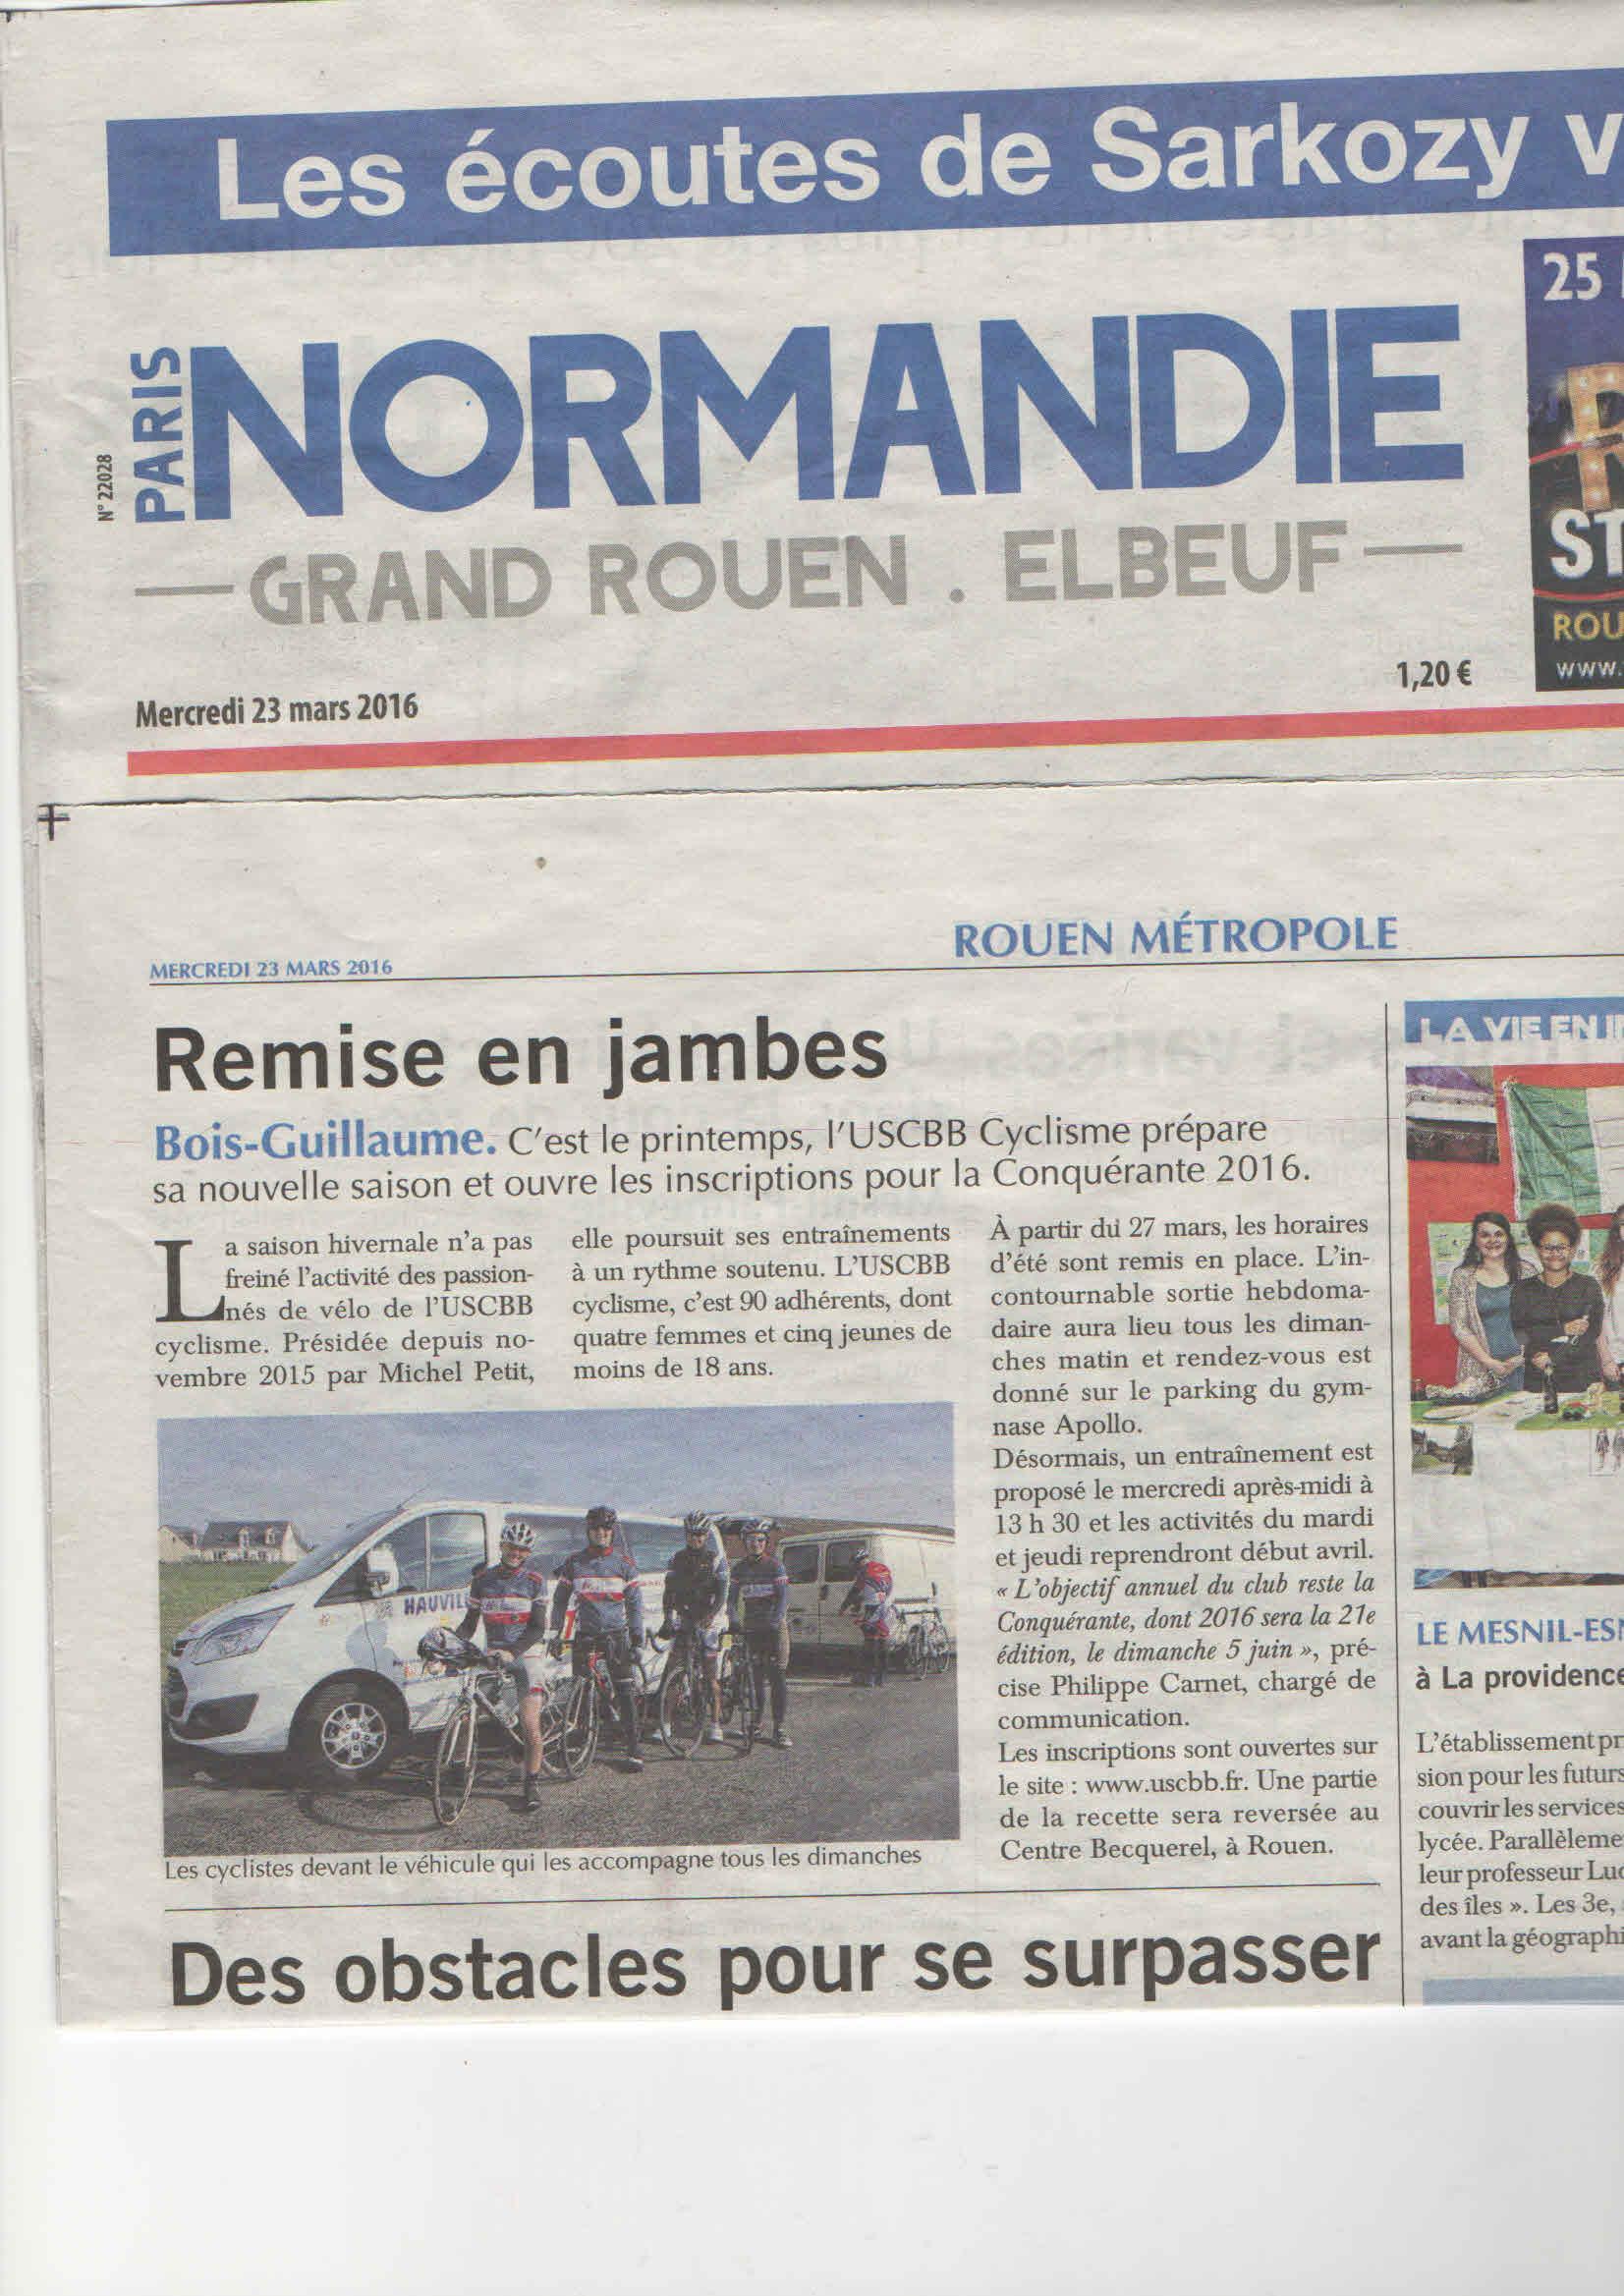 16 03 23 Paris Normandie